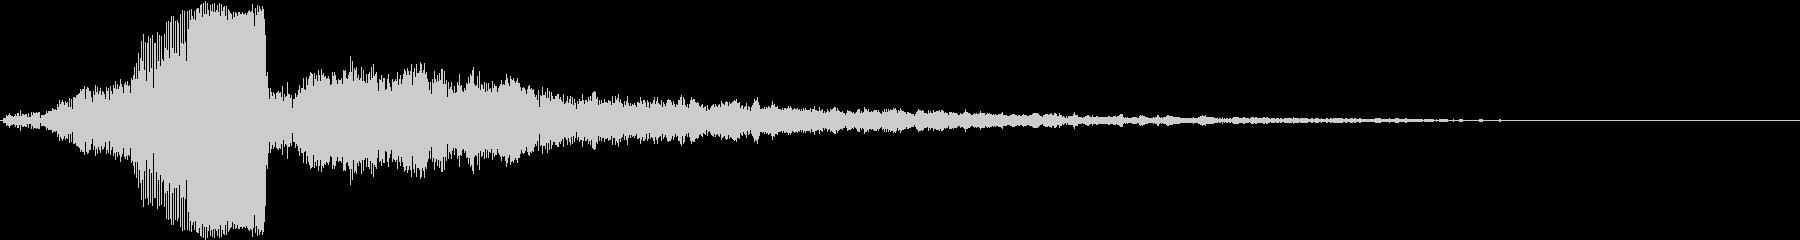 【ダーク】アナログシンセから出る電子音の未再生の波形